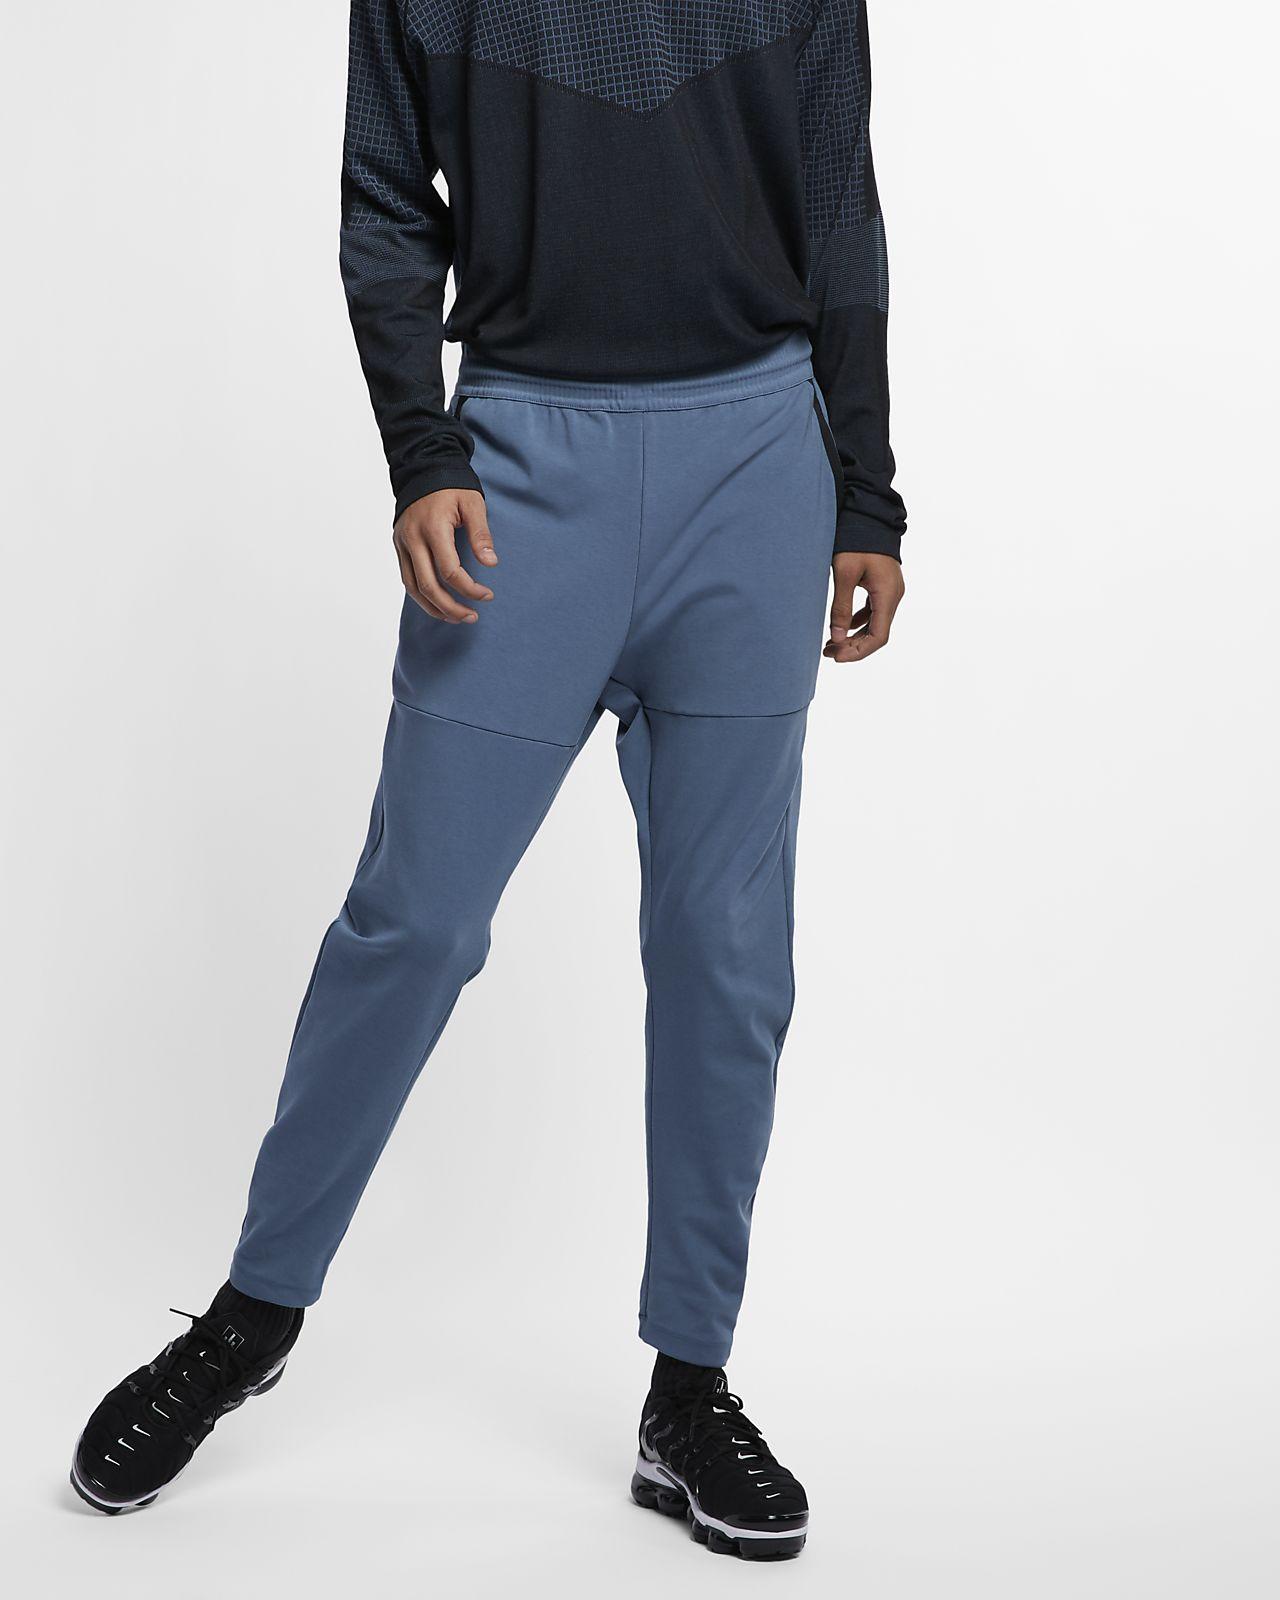 Ανδρικό πλεκτό παντελόνι Nike Sportswear Tech Pack